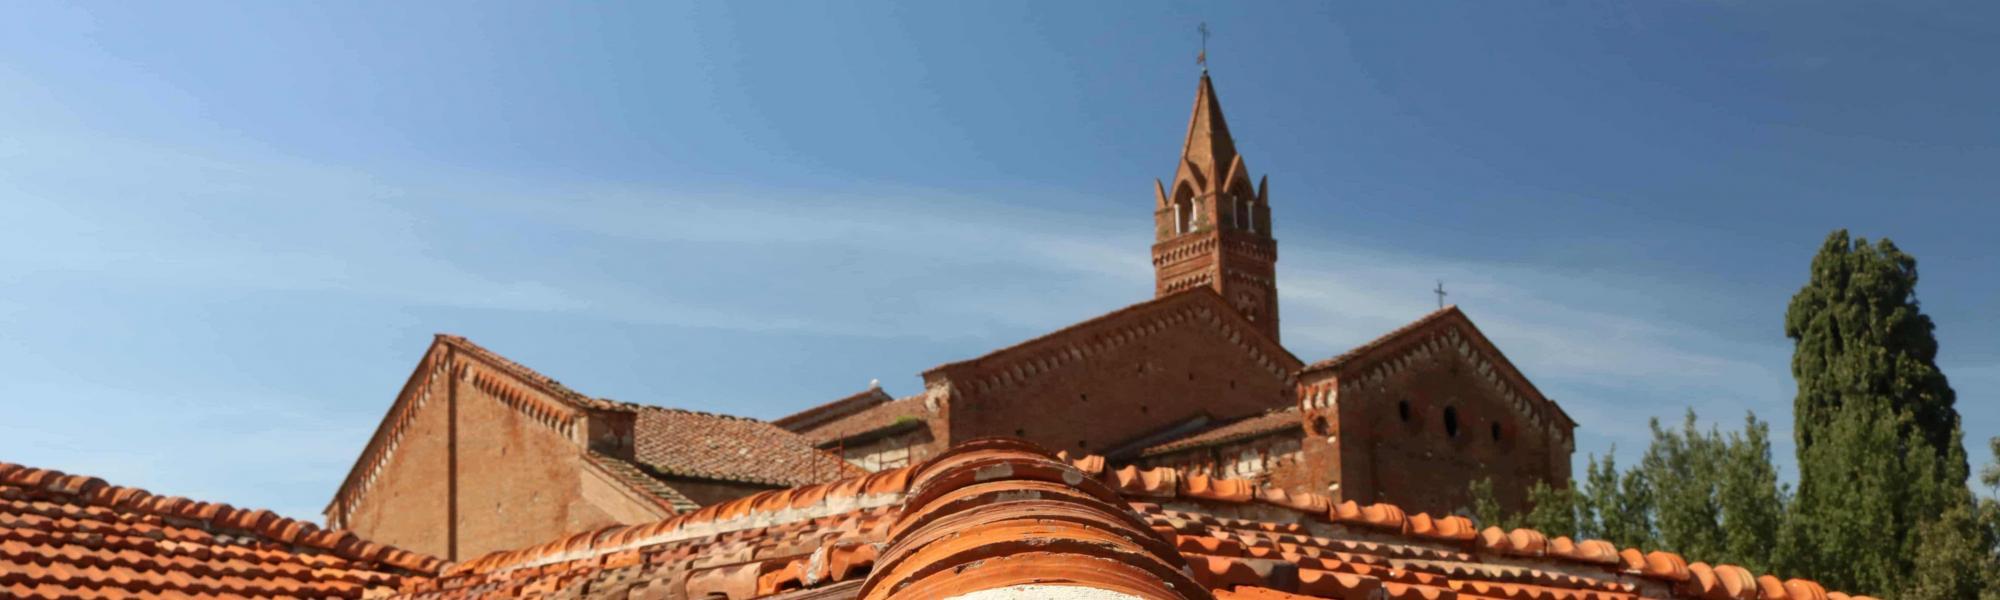 Veduta dai tetti Chiesa e Chiostro di San Francesco